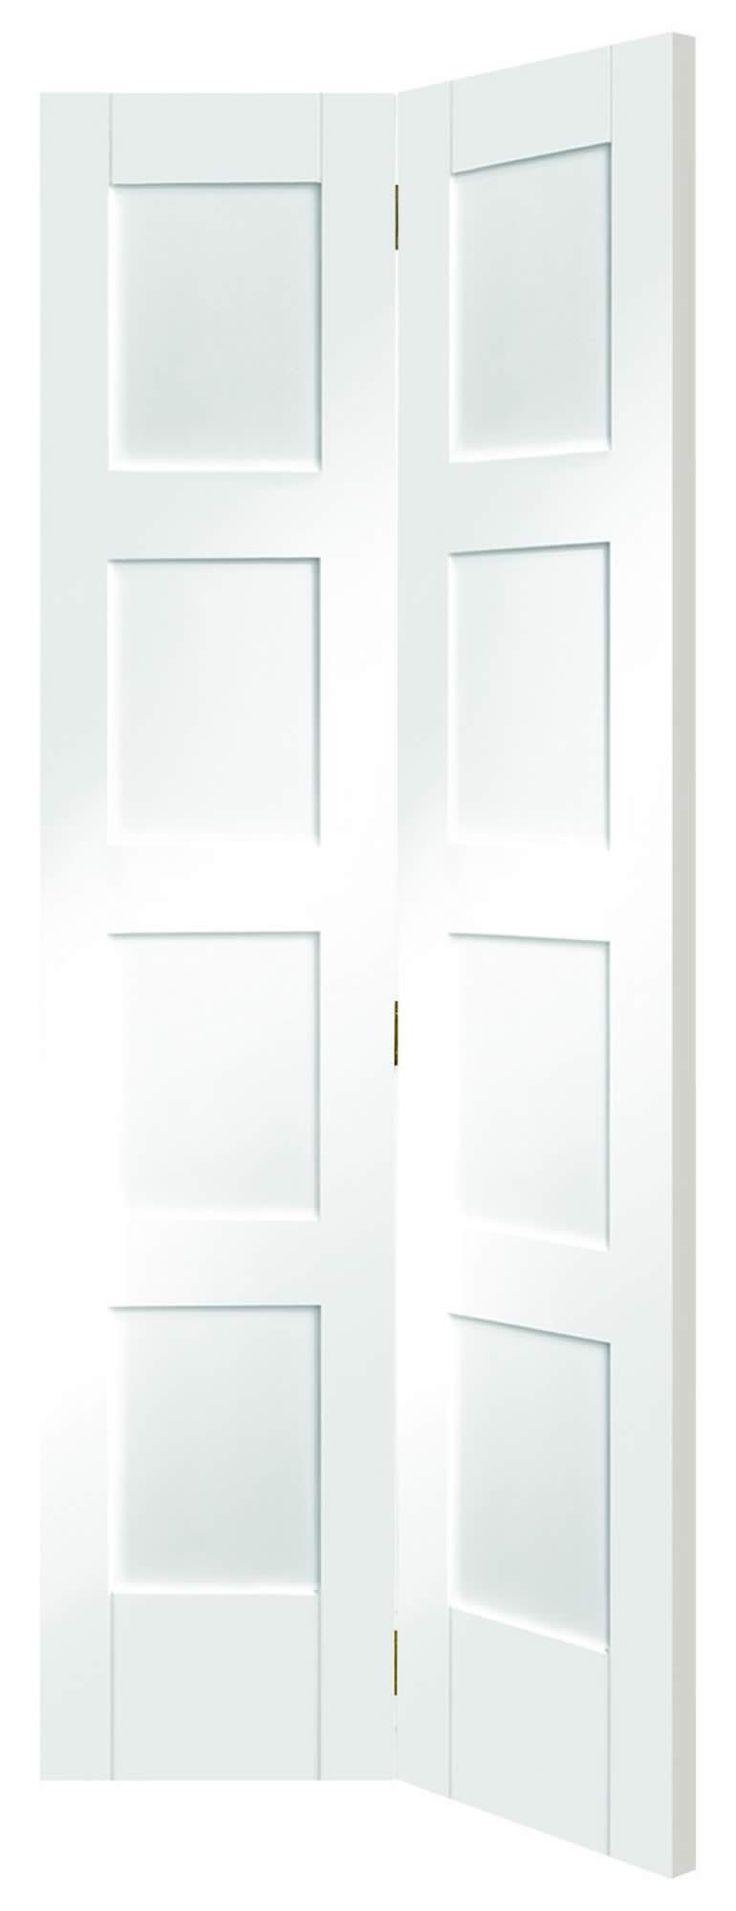 Shaker Cabinet Door Dimensions Best 25 4 Panel Shaker Doors Ideas On Pinterest Shaker Doors 1